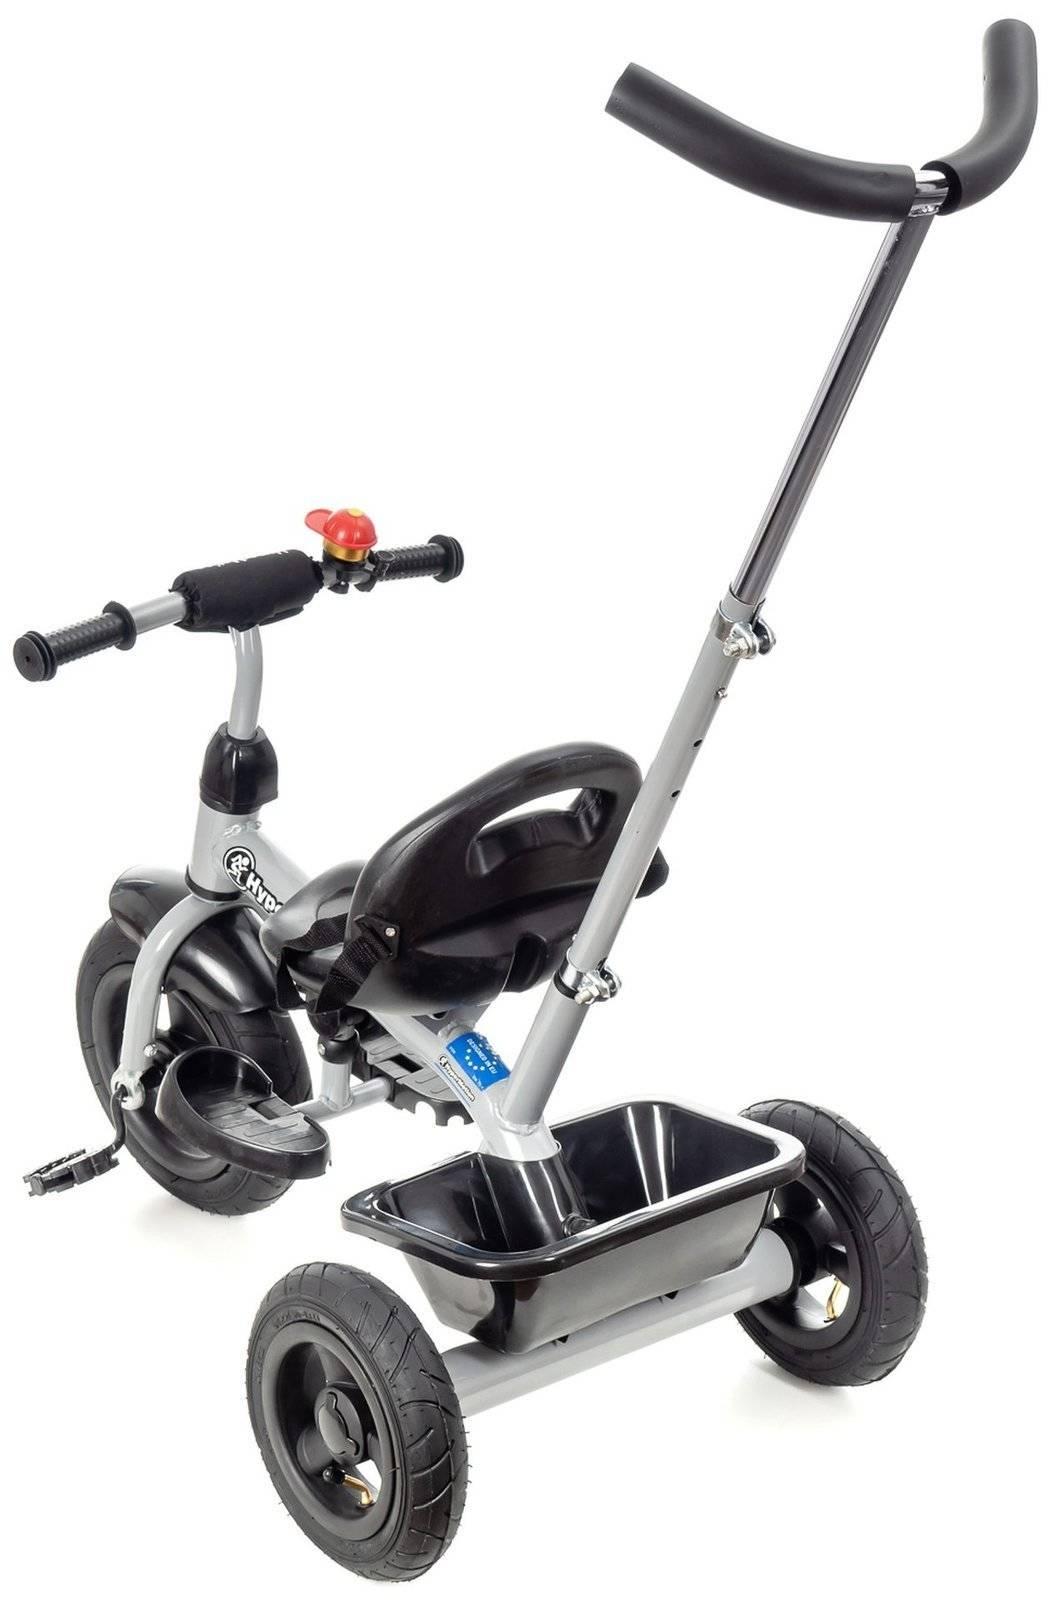 Rowerek Trójkołowy z pchaczem i pompowanymi kołami TOBI BASIC AIR - szary